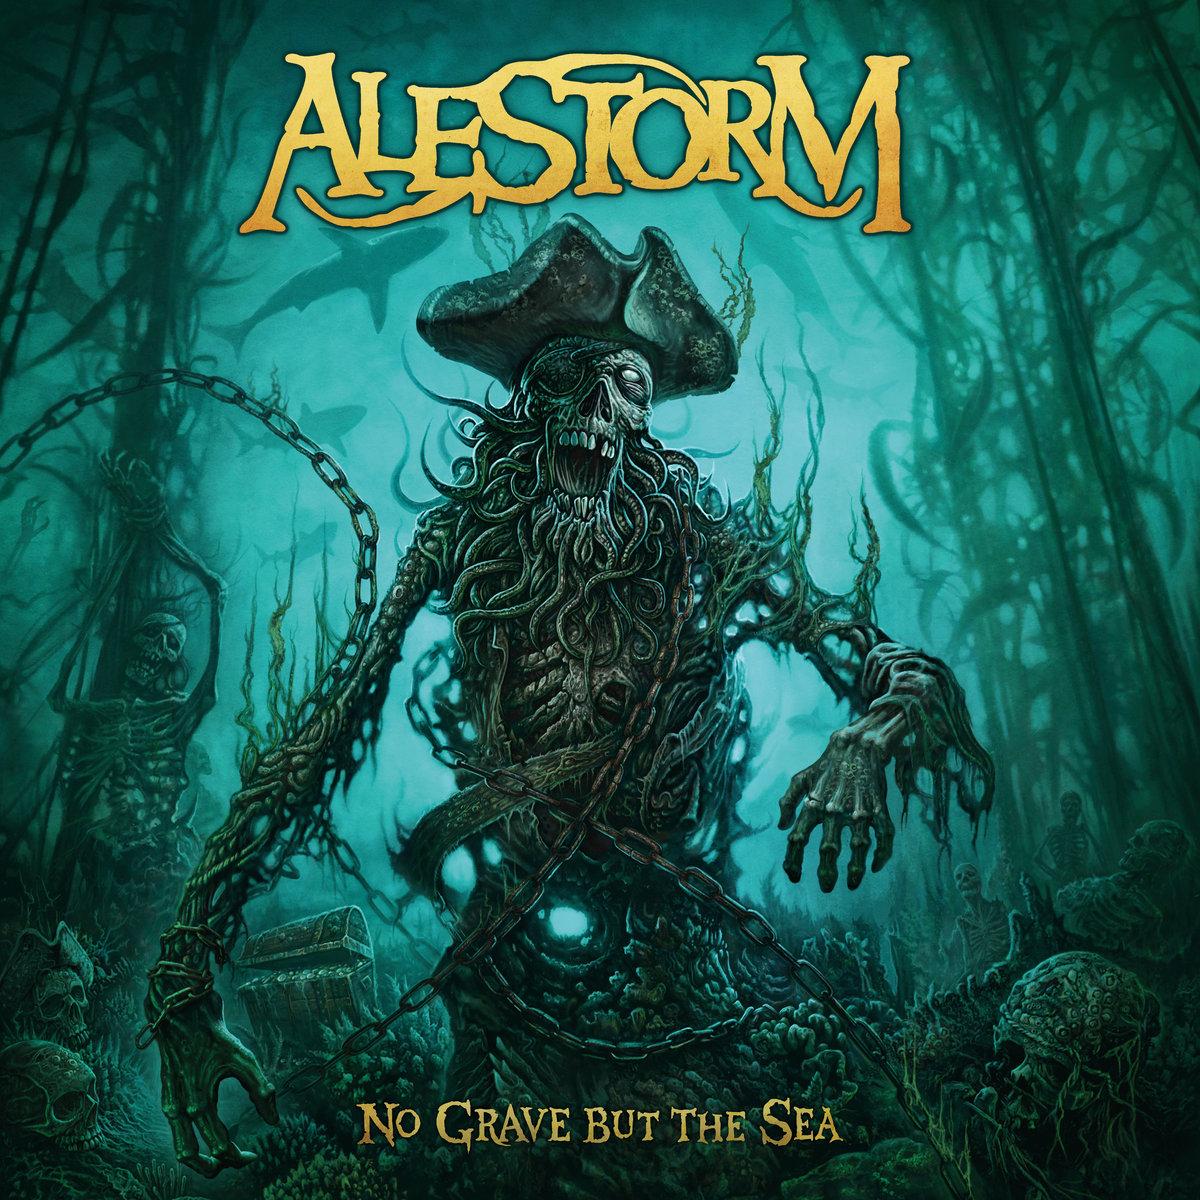 Výsledek obrázku pro alestorm - no grave but the sea 2017 download